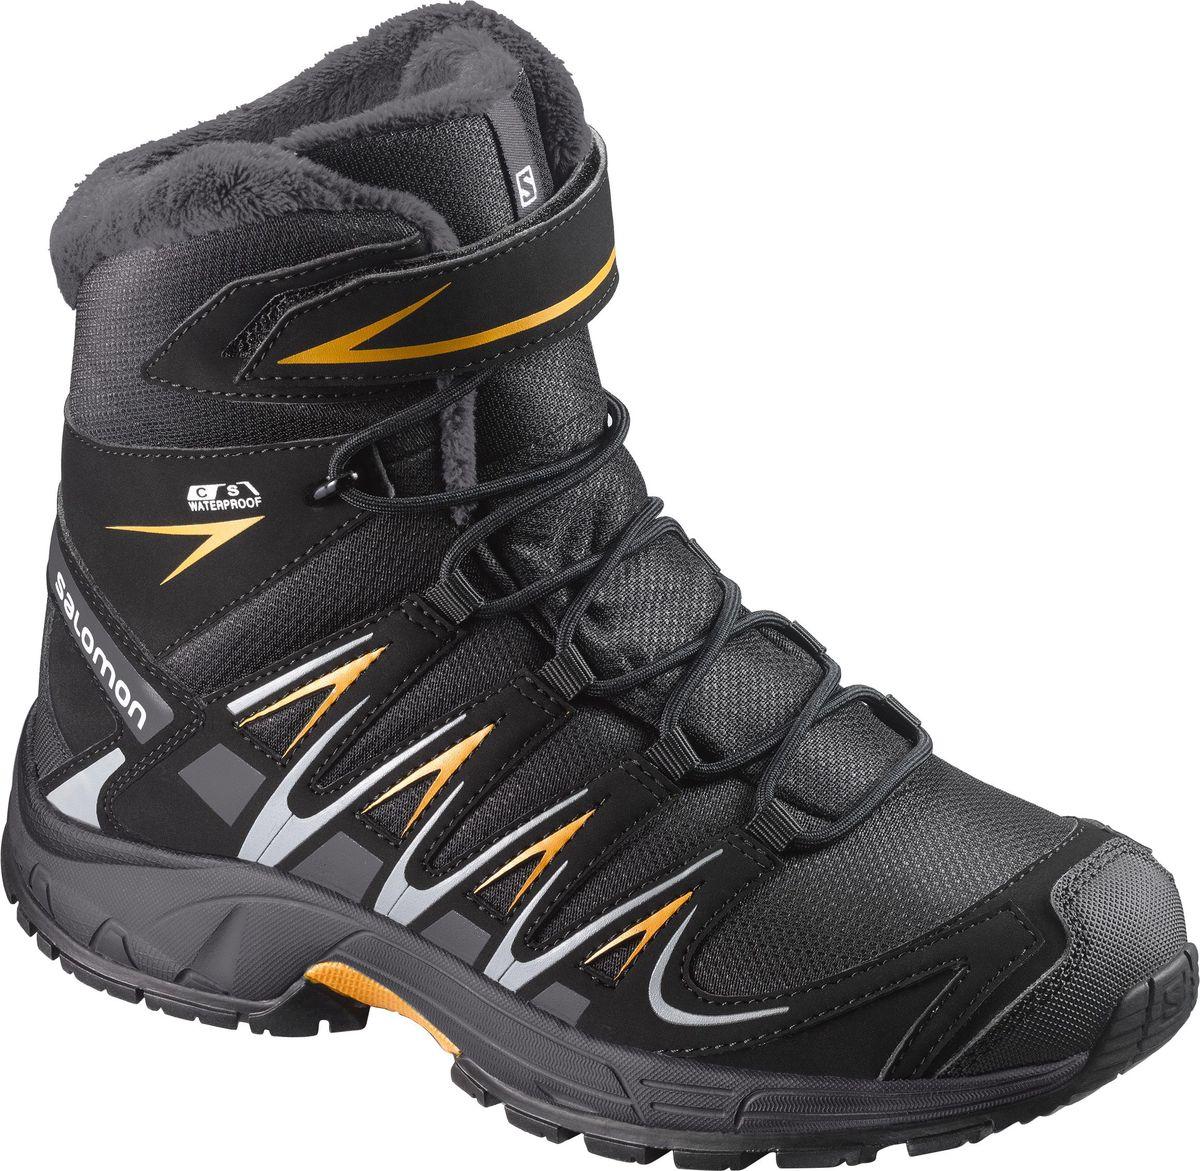 Ботинки детские Salomon XA PRO 3D Winter TS CSWP J, цвет: черный. L39845700. Размер 34 (32,5)L39845700Полностью непромокаемые и утепленные уютным мехом ботинки XA PRO 3D Winter TS CSWP для подростков имеют легендарную посадку Salomon и сцепление и подходят для любой активности в холодную мокрую погоду.